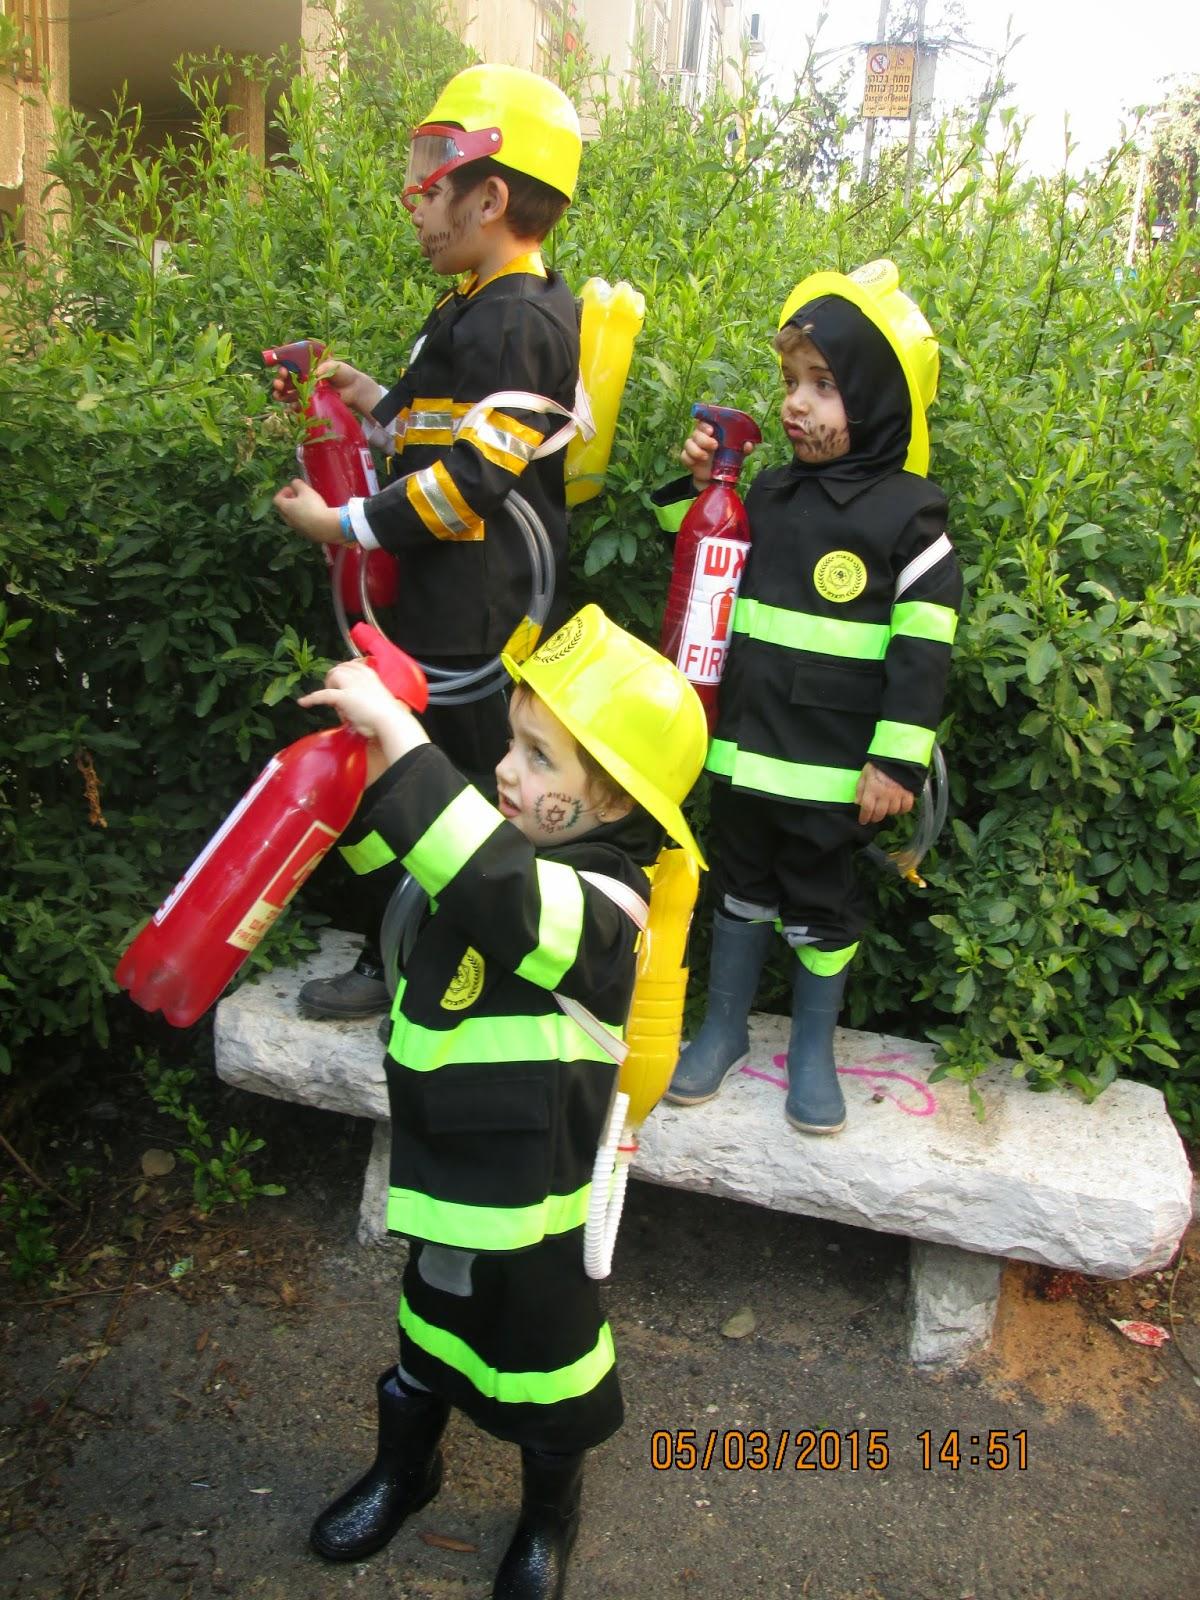 IMG 0111 - פורים במוטיב כיבוי אש